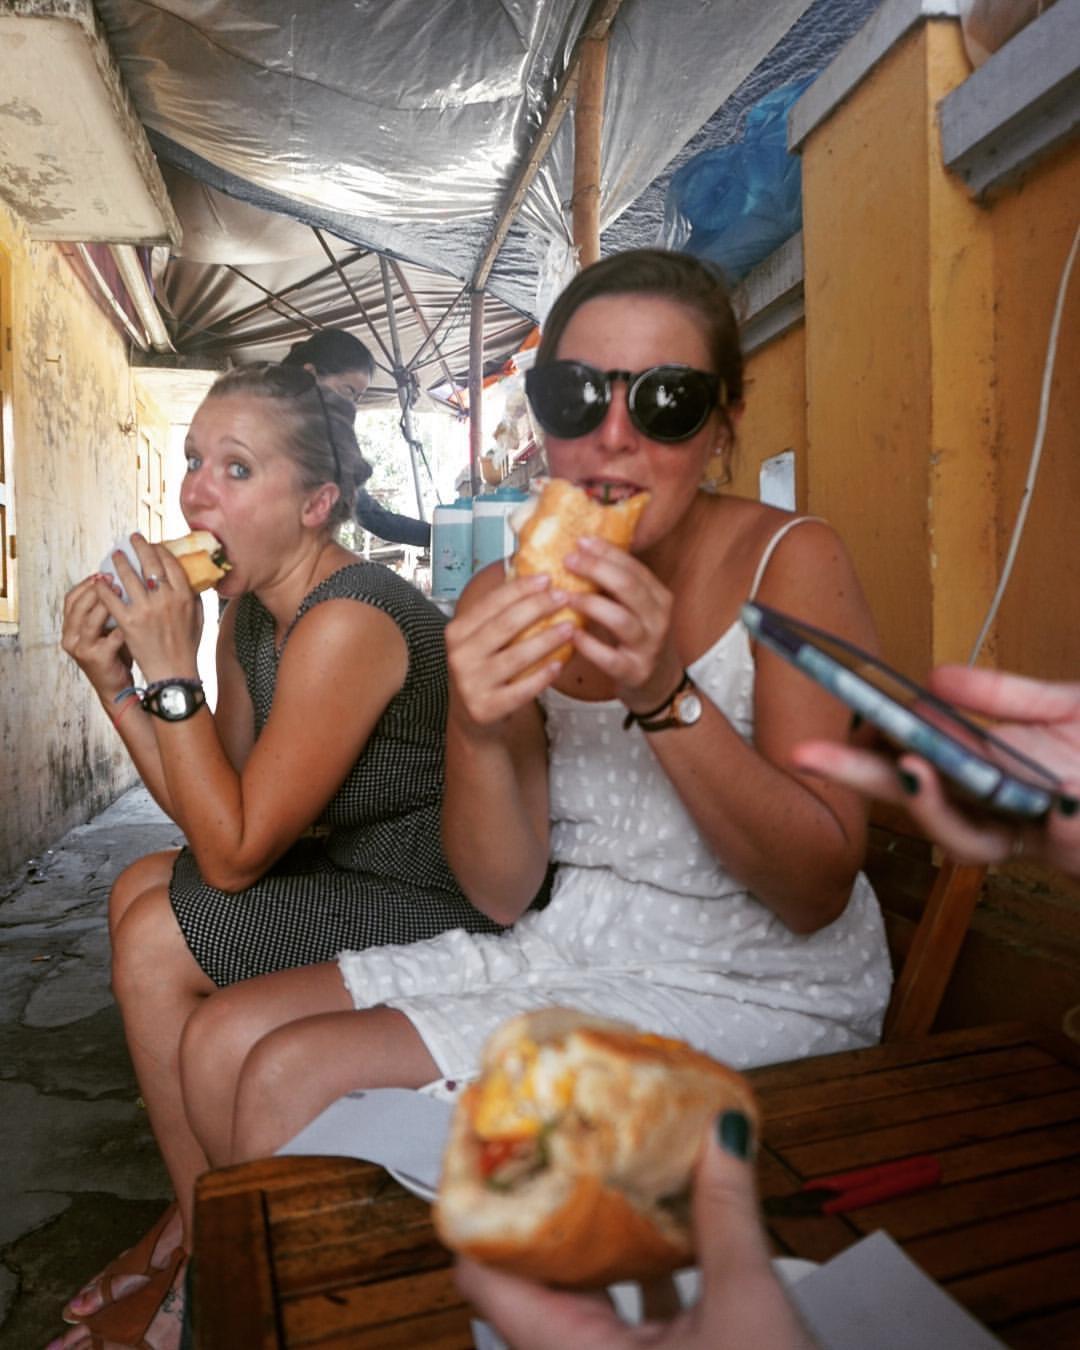 Eating Bahn Mi with my favorite gal, Ally, in Vietnam